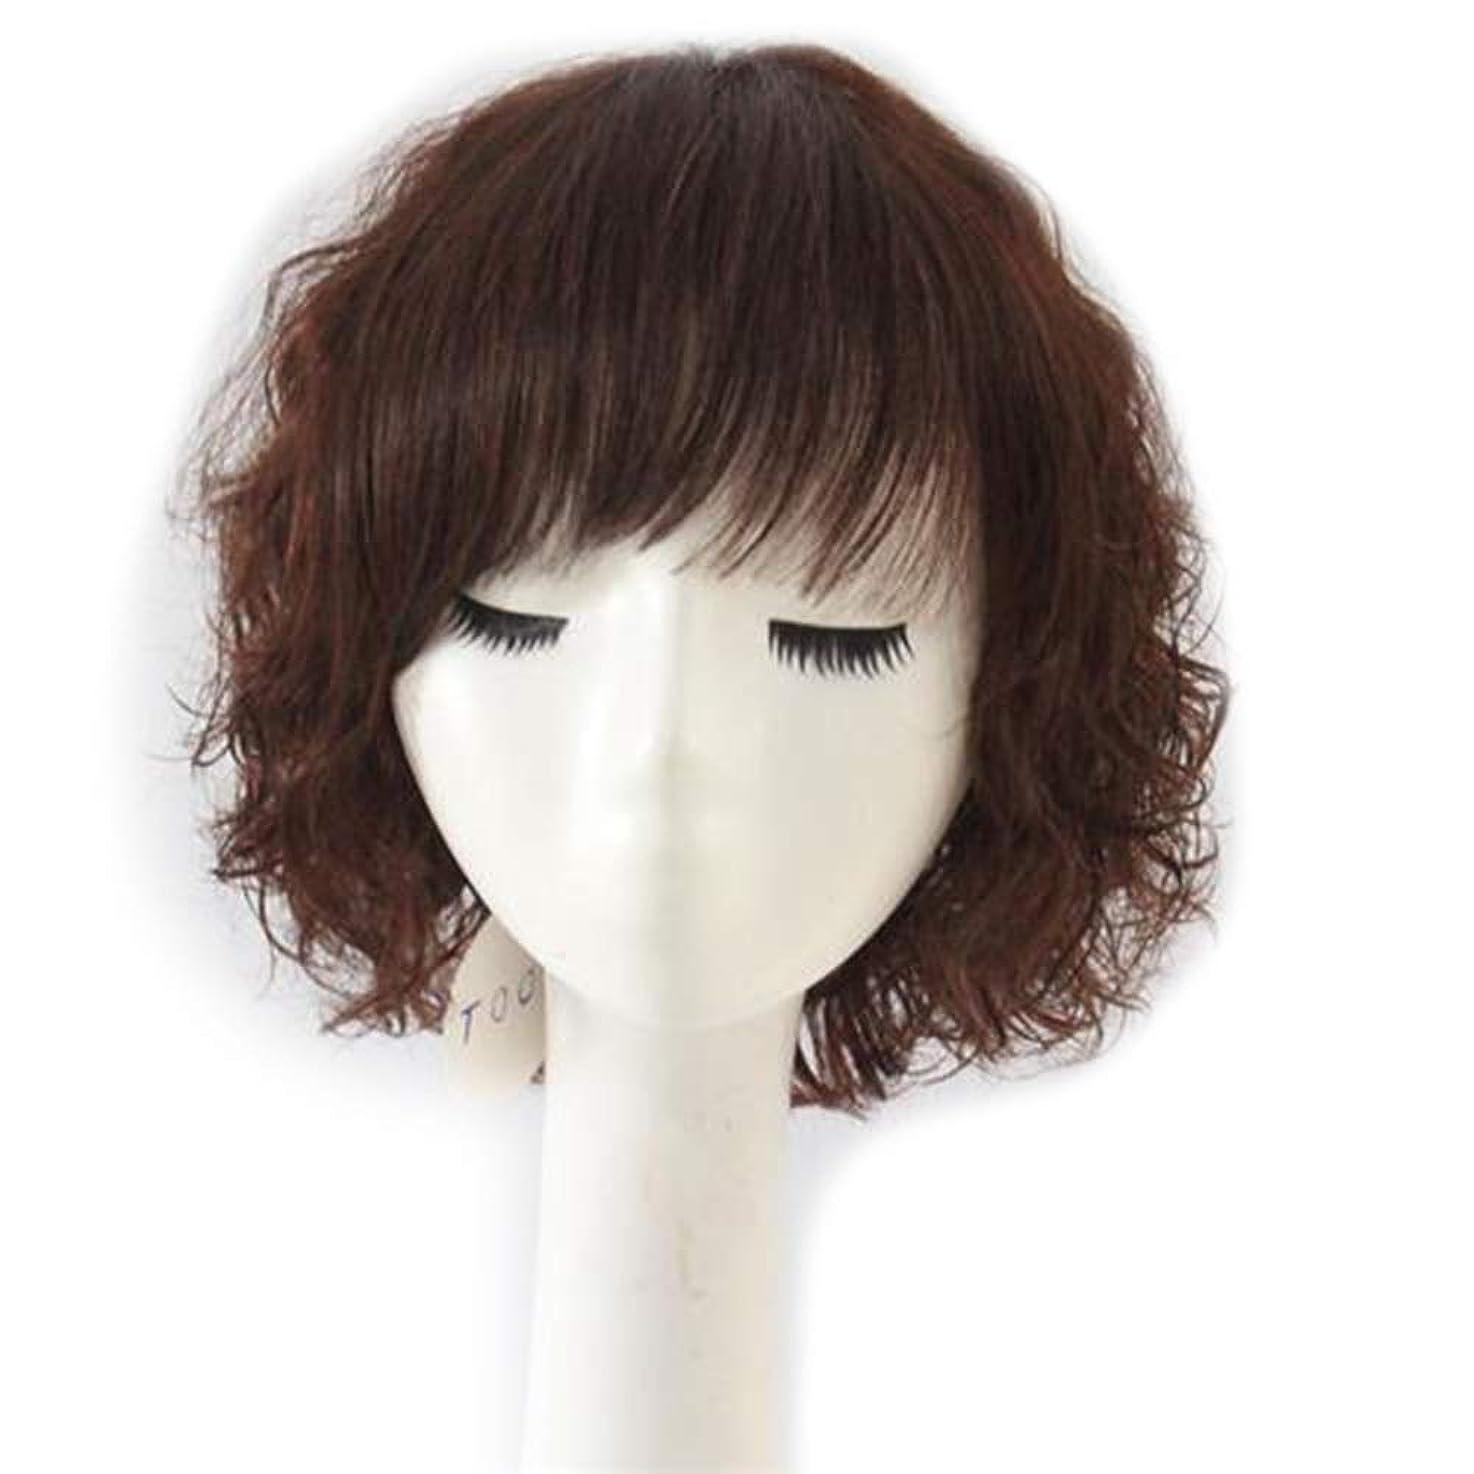 焦がす取る泥BOBIDYEE 女性のふわふわショートカーリーヘアフルリアルウィッグファッションナチュラルウィッグ用母ギフトファッションウィッグ (色 : Dark brown)